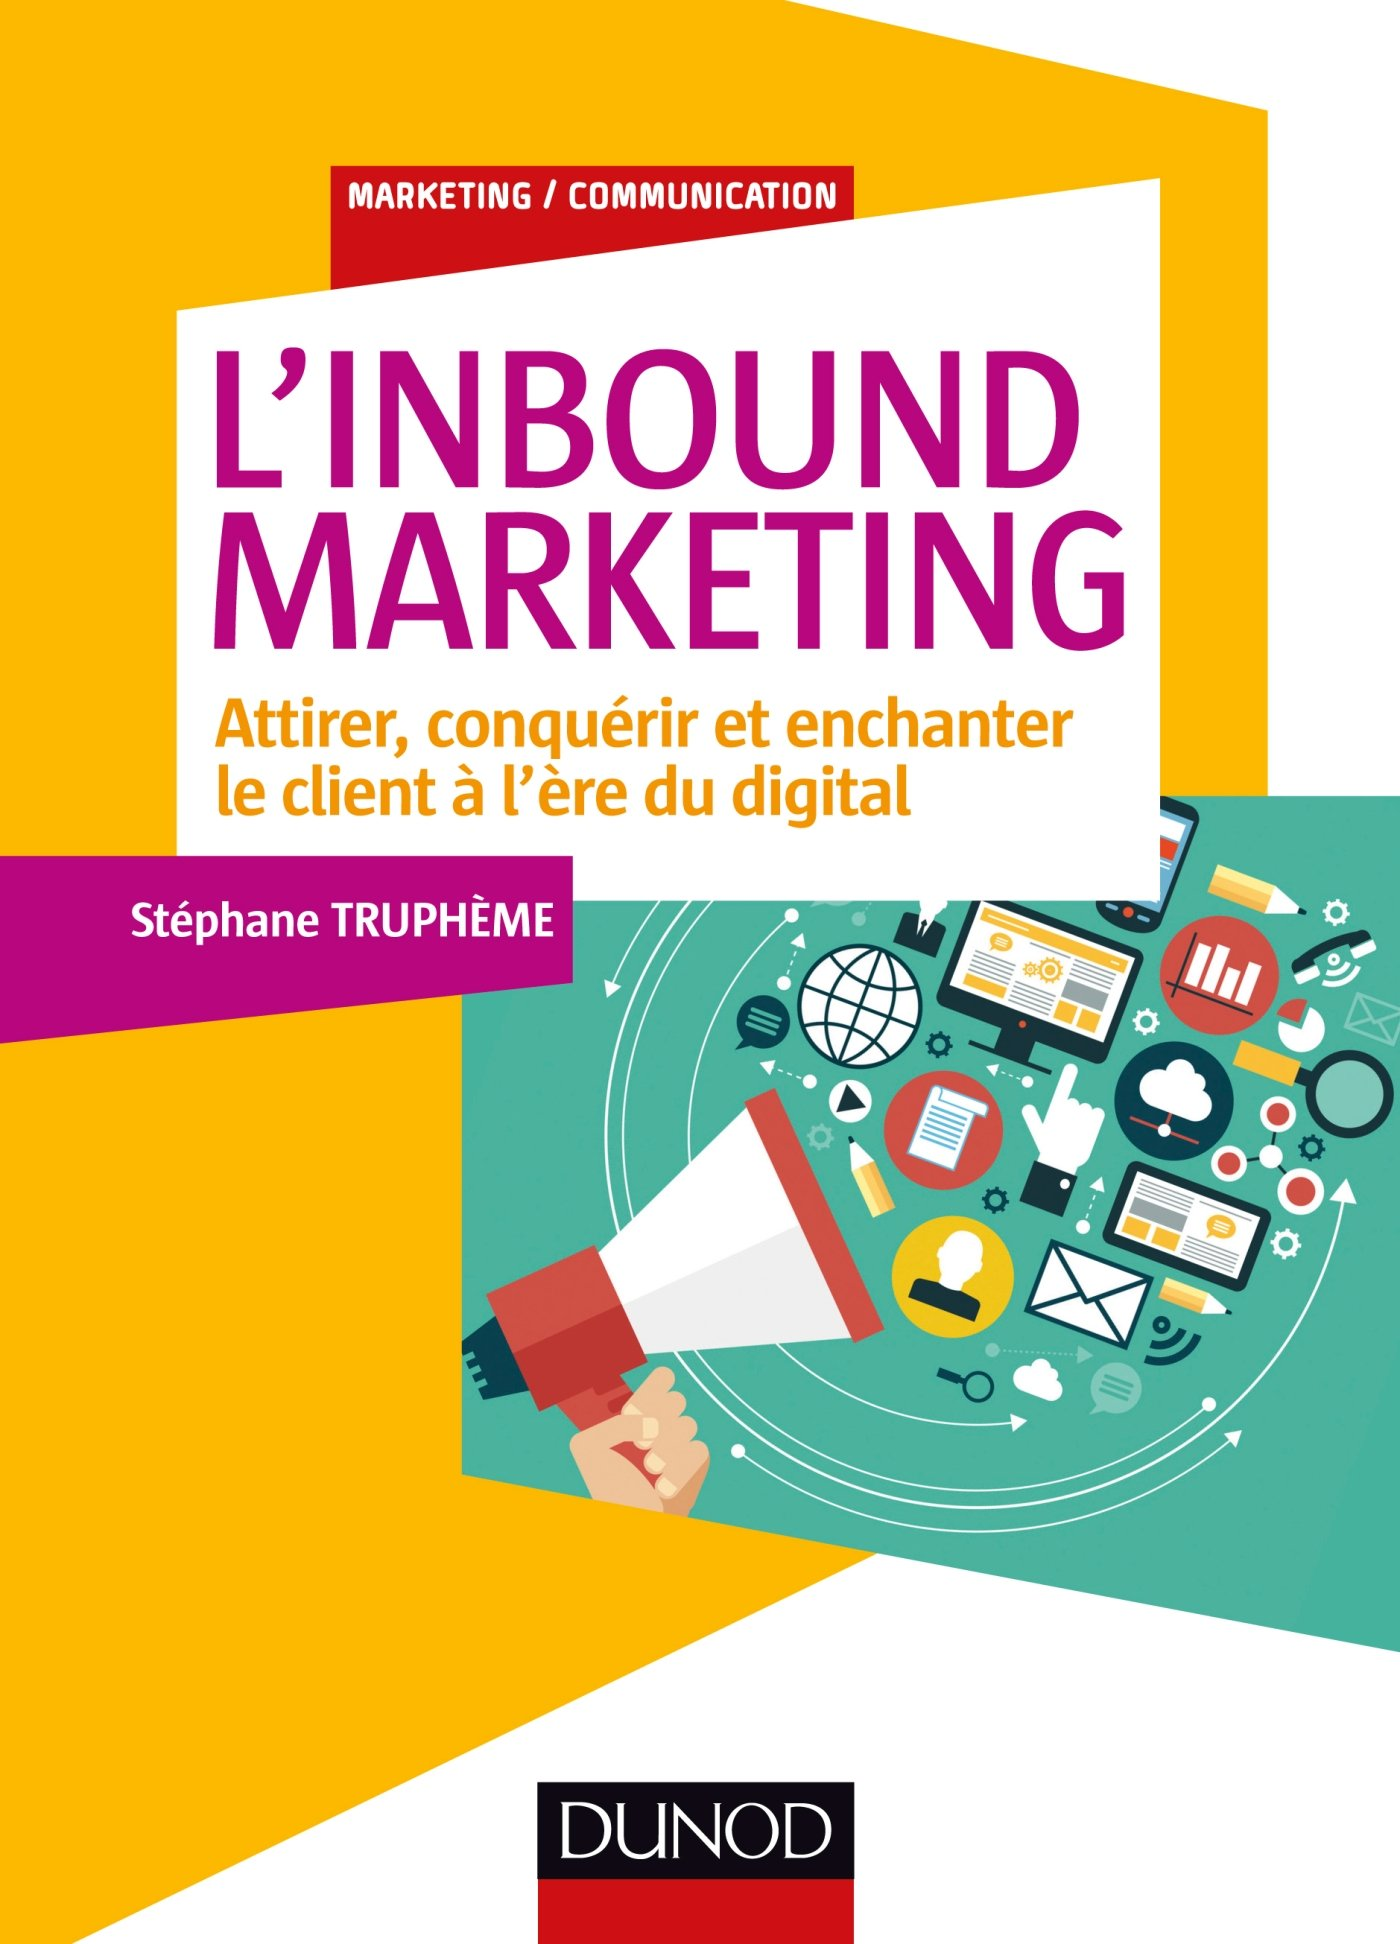 L'Inbound Marketing - Attirer, conquérir et enchanter le client à l'ère du digital Broché – 13 avril 2016 Stéphane Truphème Dunod 2100745956 Entreprise